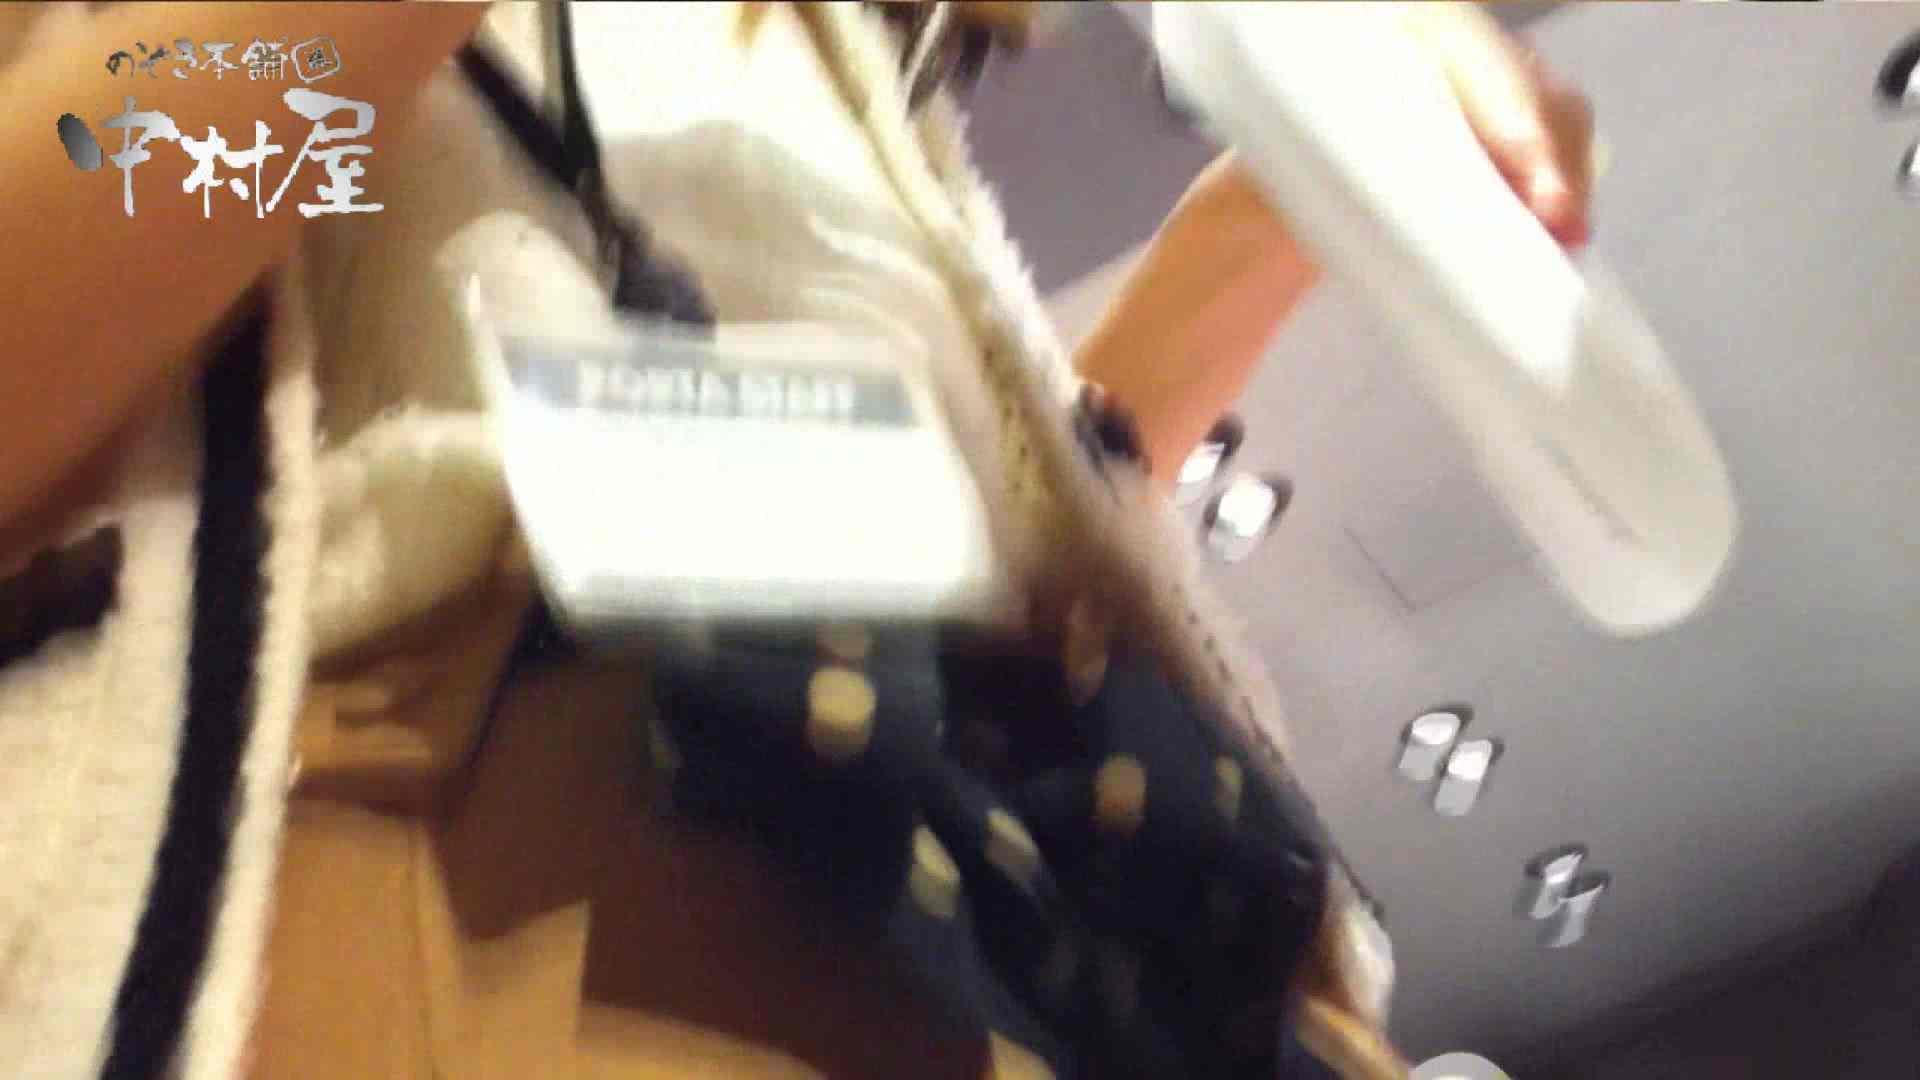 vol.48可愛いカリスマ店員胸チラ&パンチラ アニメ声の店員さん 接写  35pic 14